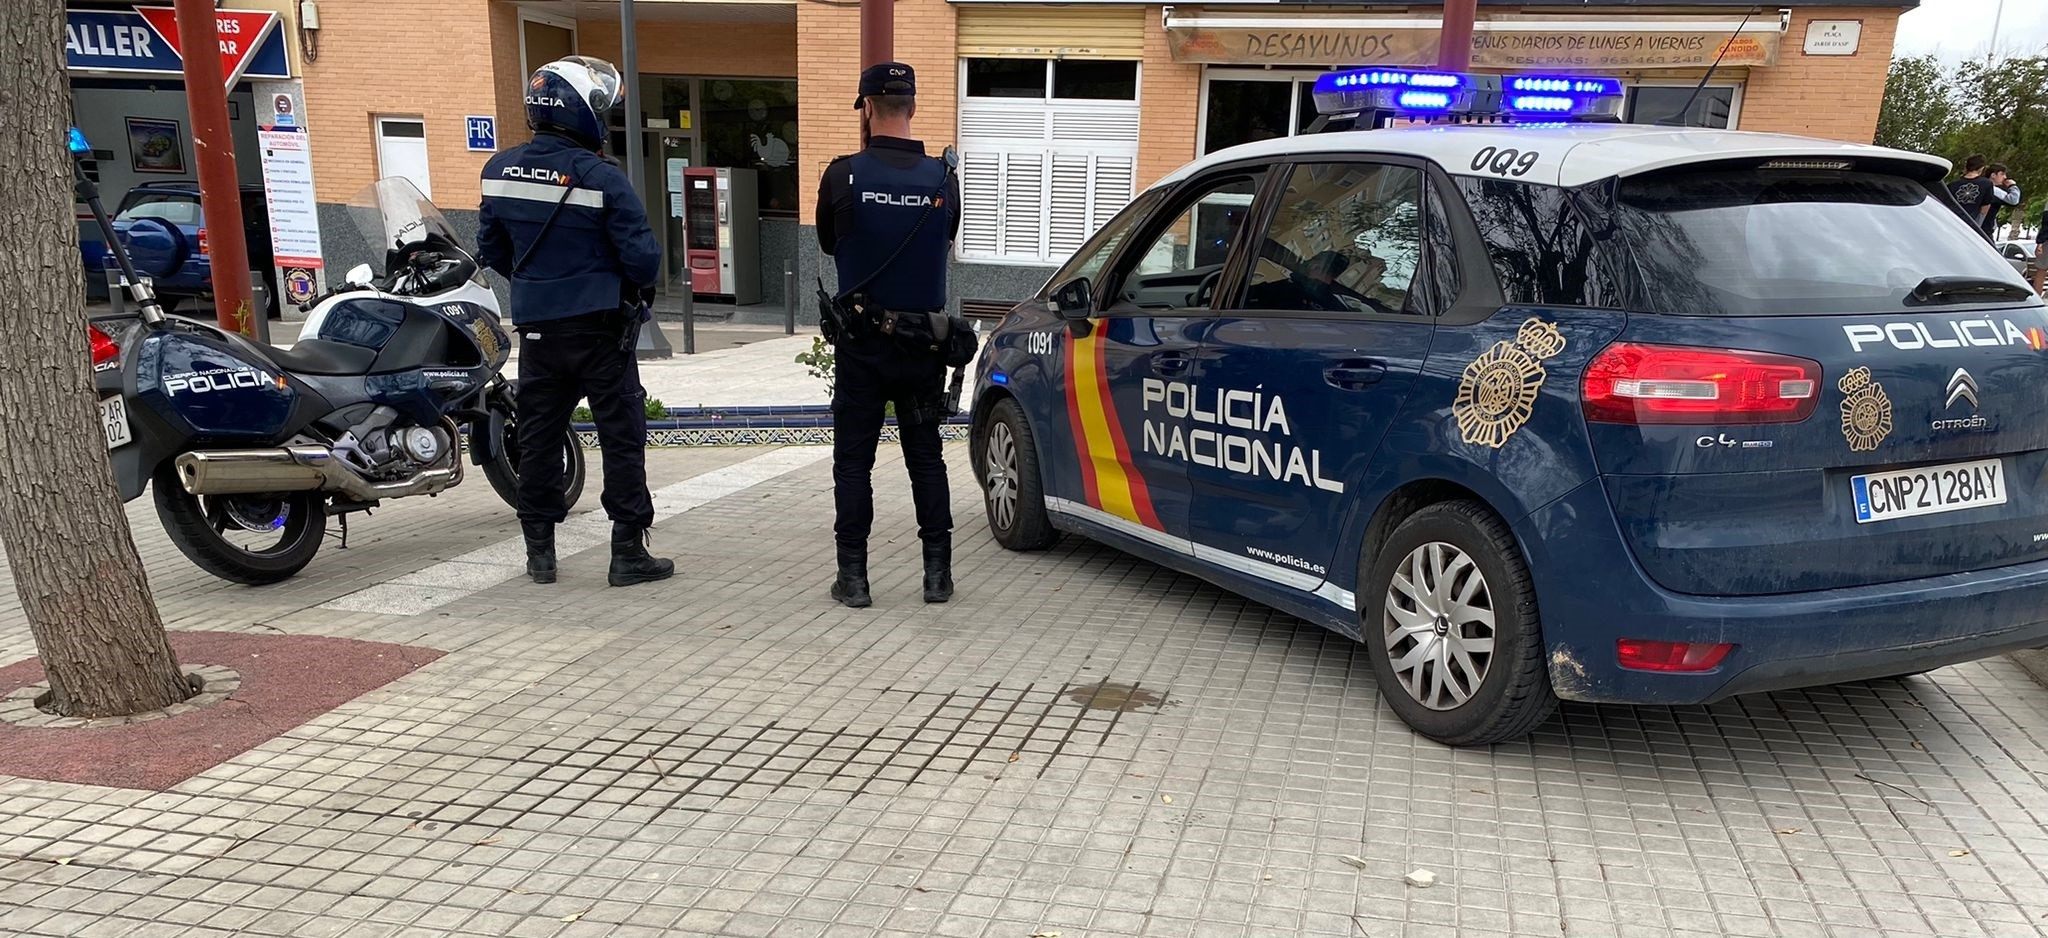 Una riña tumultuaria con 300 personas acaba con dos heridos y 4 detenidos en Alicante